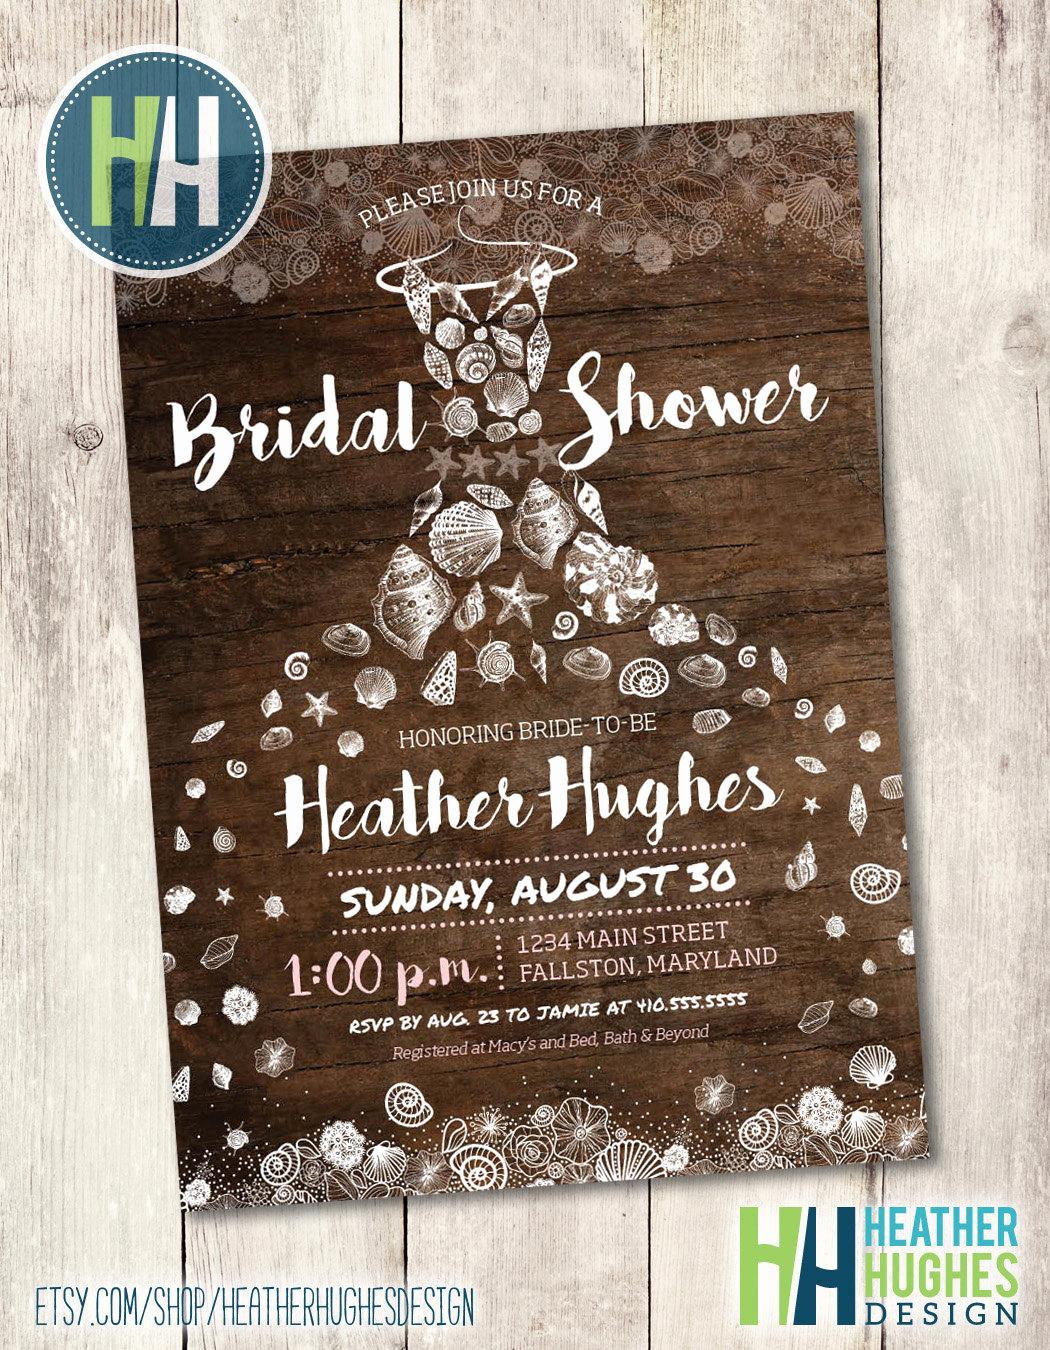 Printable Bridal Shower Invitations Luxury Rustic Beach Bridal Shower Invite Printable Invitation